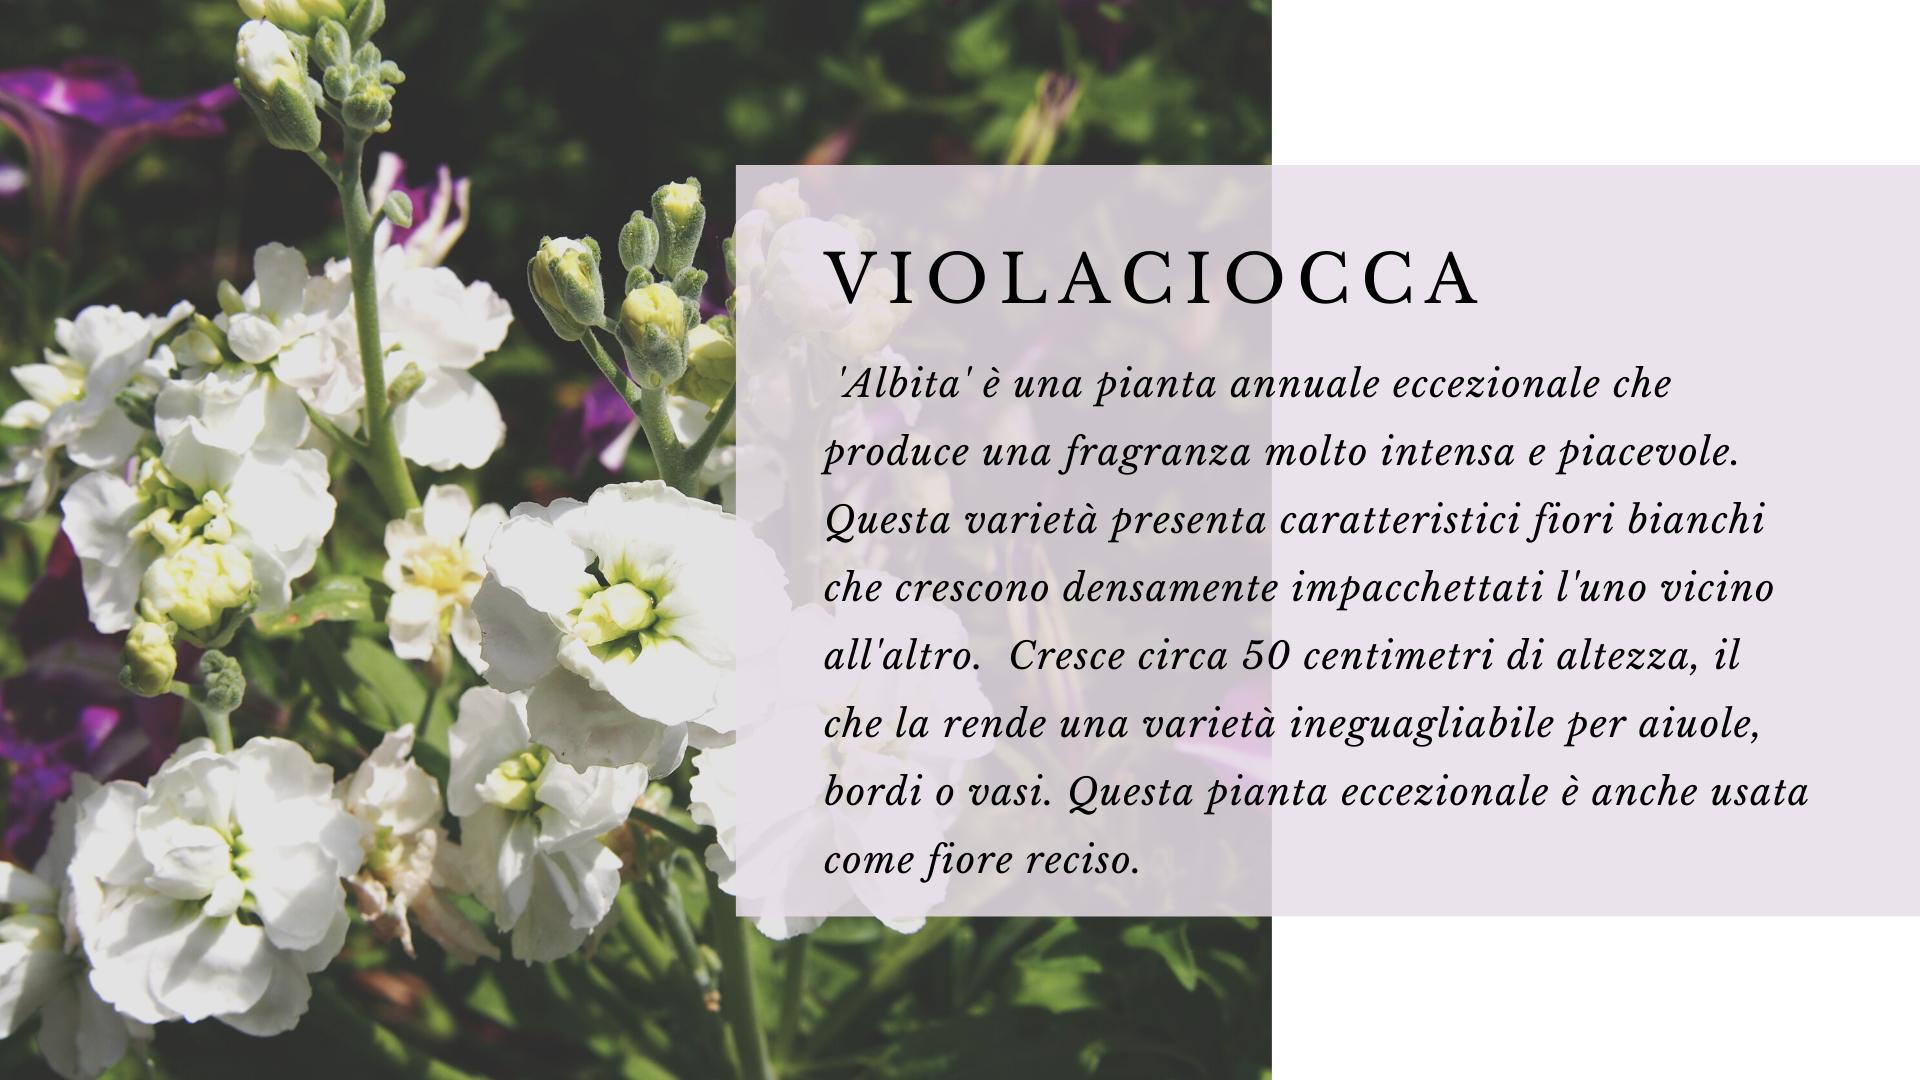 Violaciocca